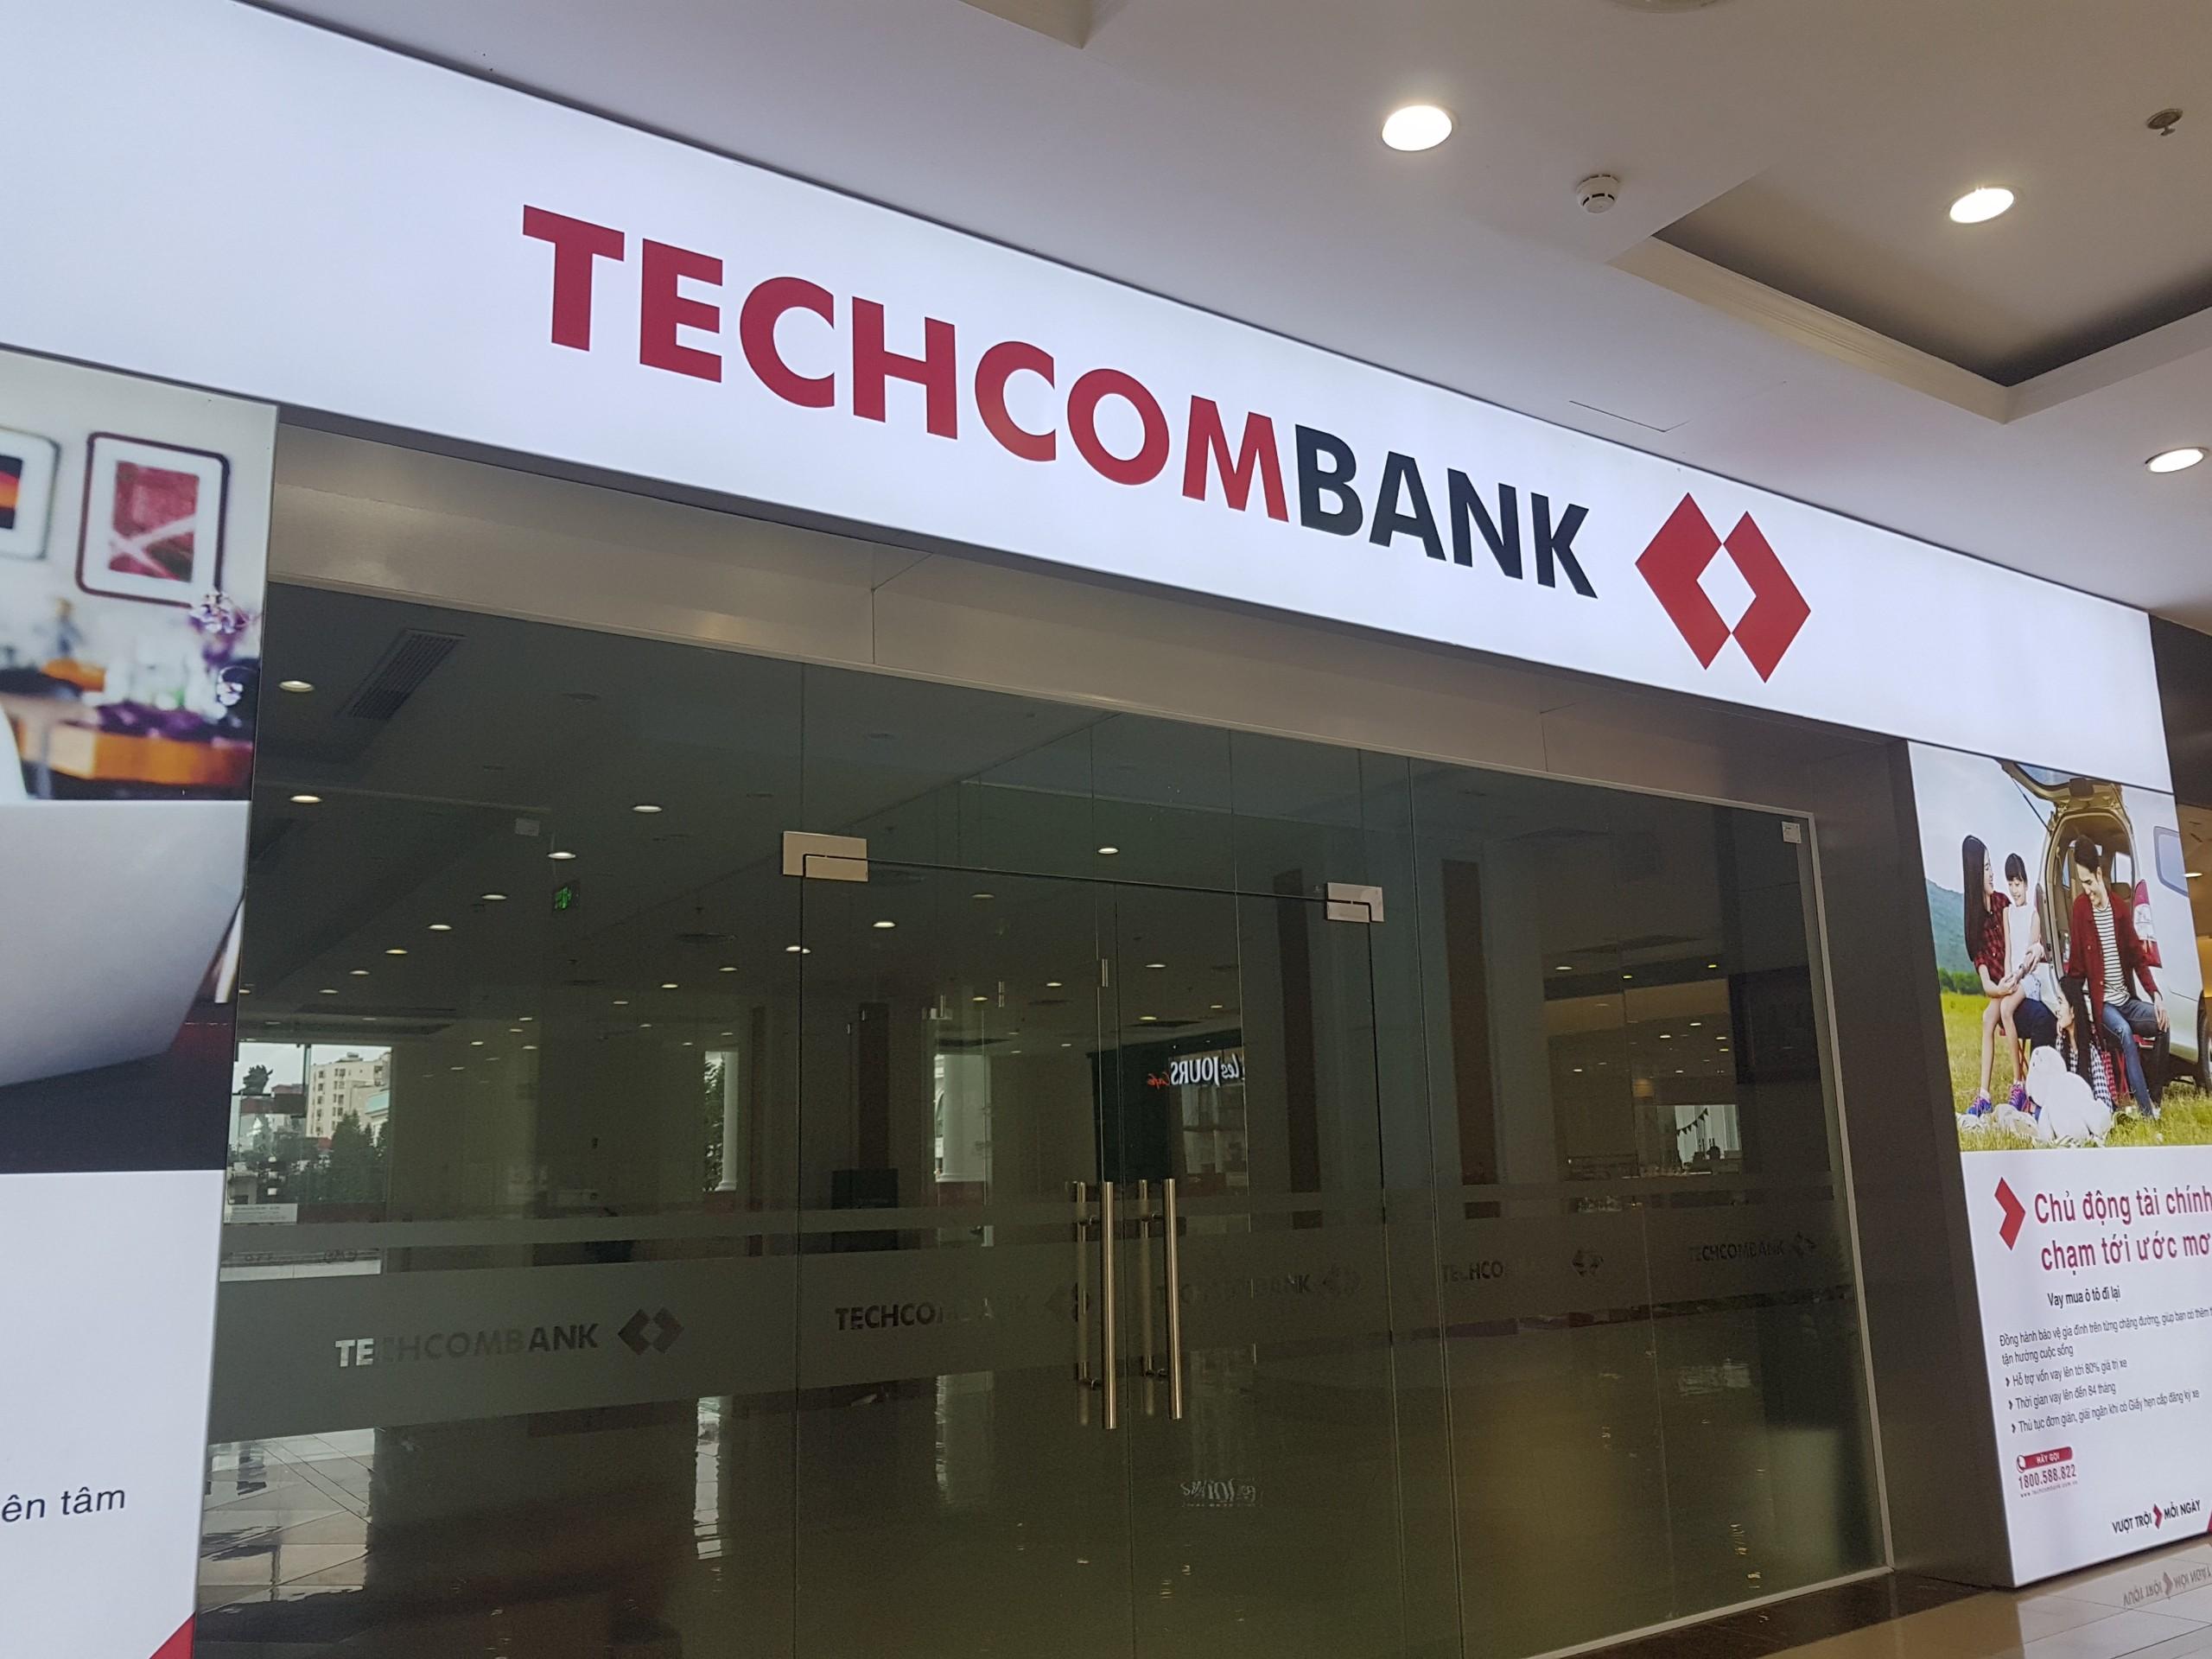 Techcombank sẽ phát hành hơn 6 triệu cổ phiếu ESOP - Ảnh 1.